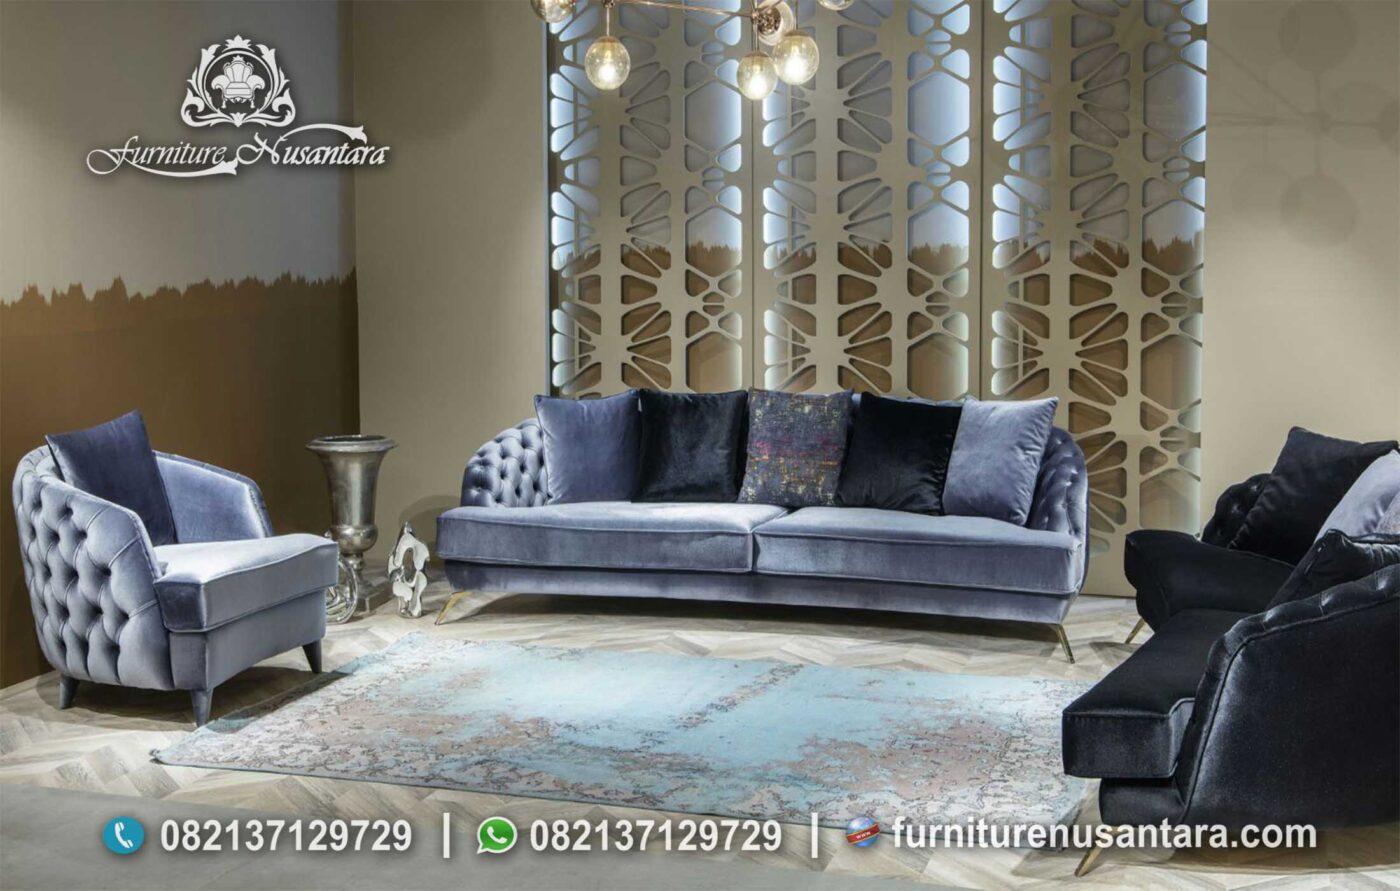 Sofa Minimalis Ruang Tamu ST-46, Furniture Nusantara